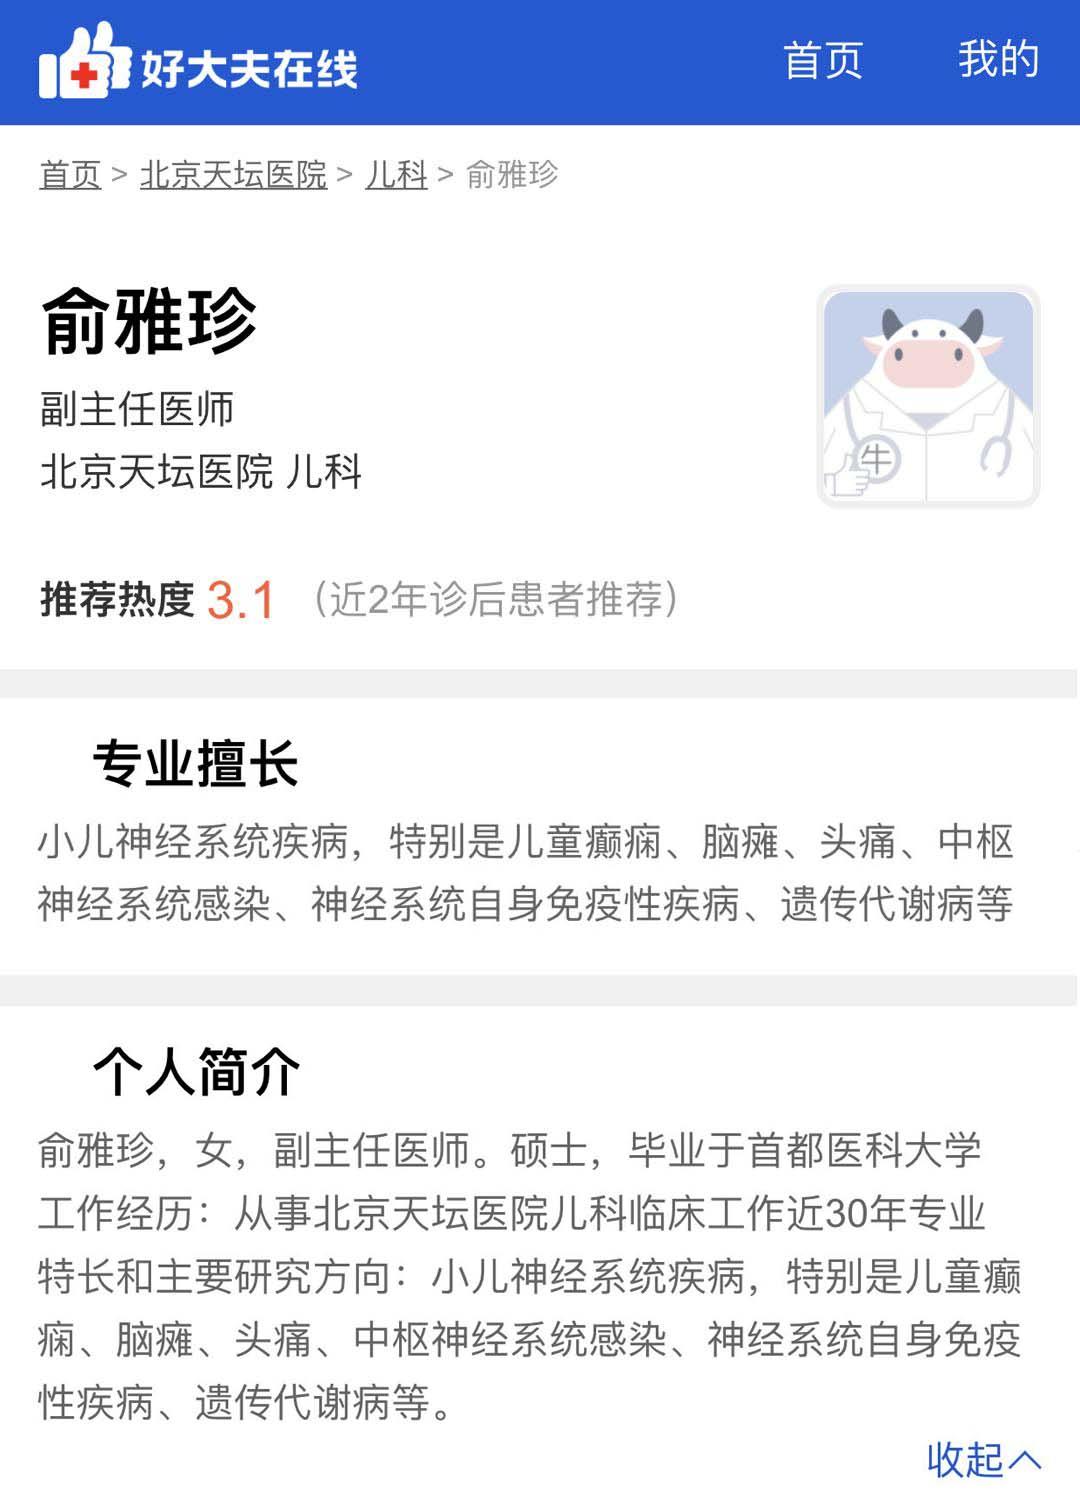 【会诊预告】6月18日—20日,北京天坛医院俞雅珍教授亲临颠康公益会诊